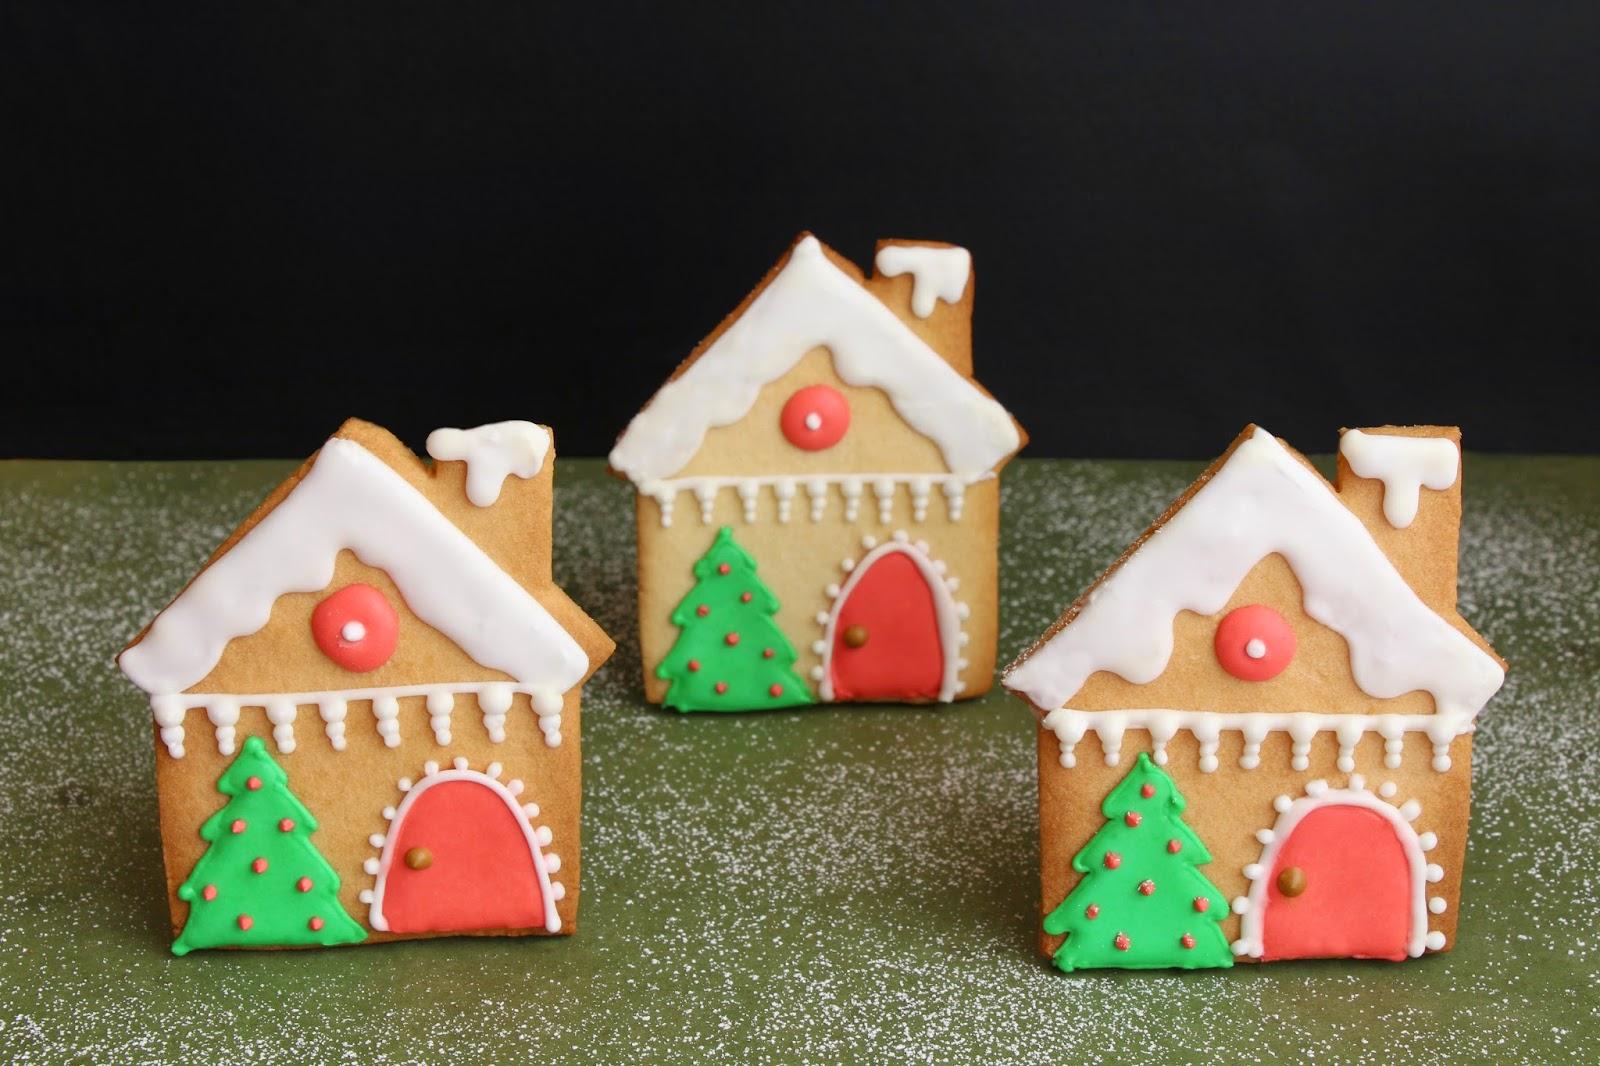 Mardefiesta galletas casitas de navidad - Casitas de navidad ...